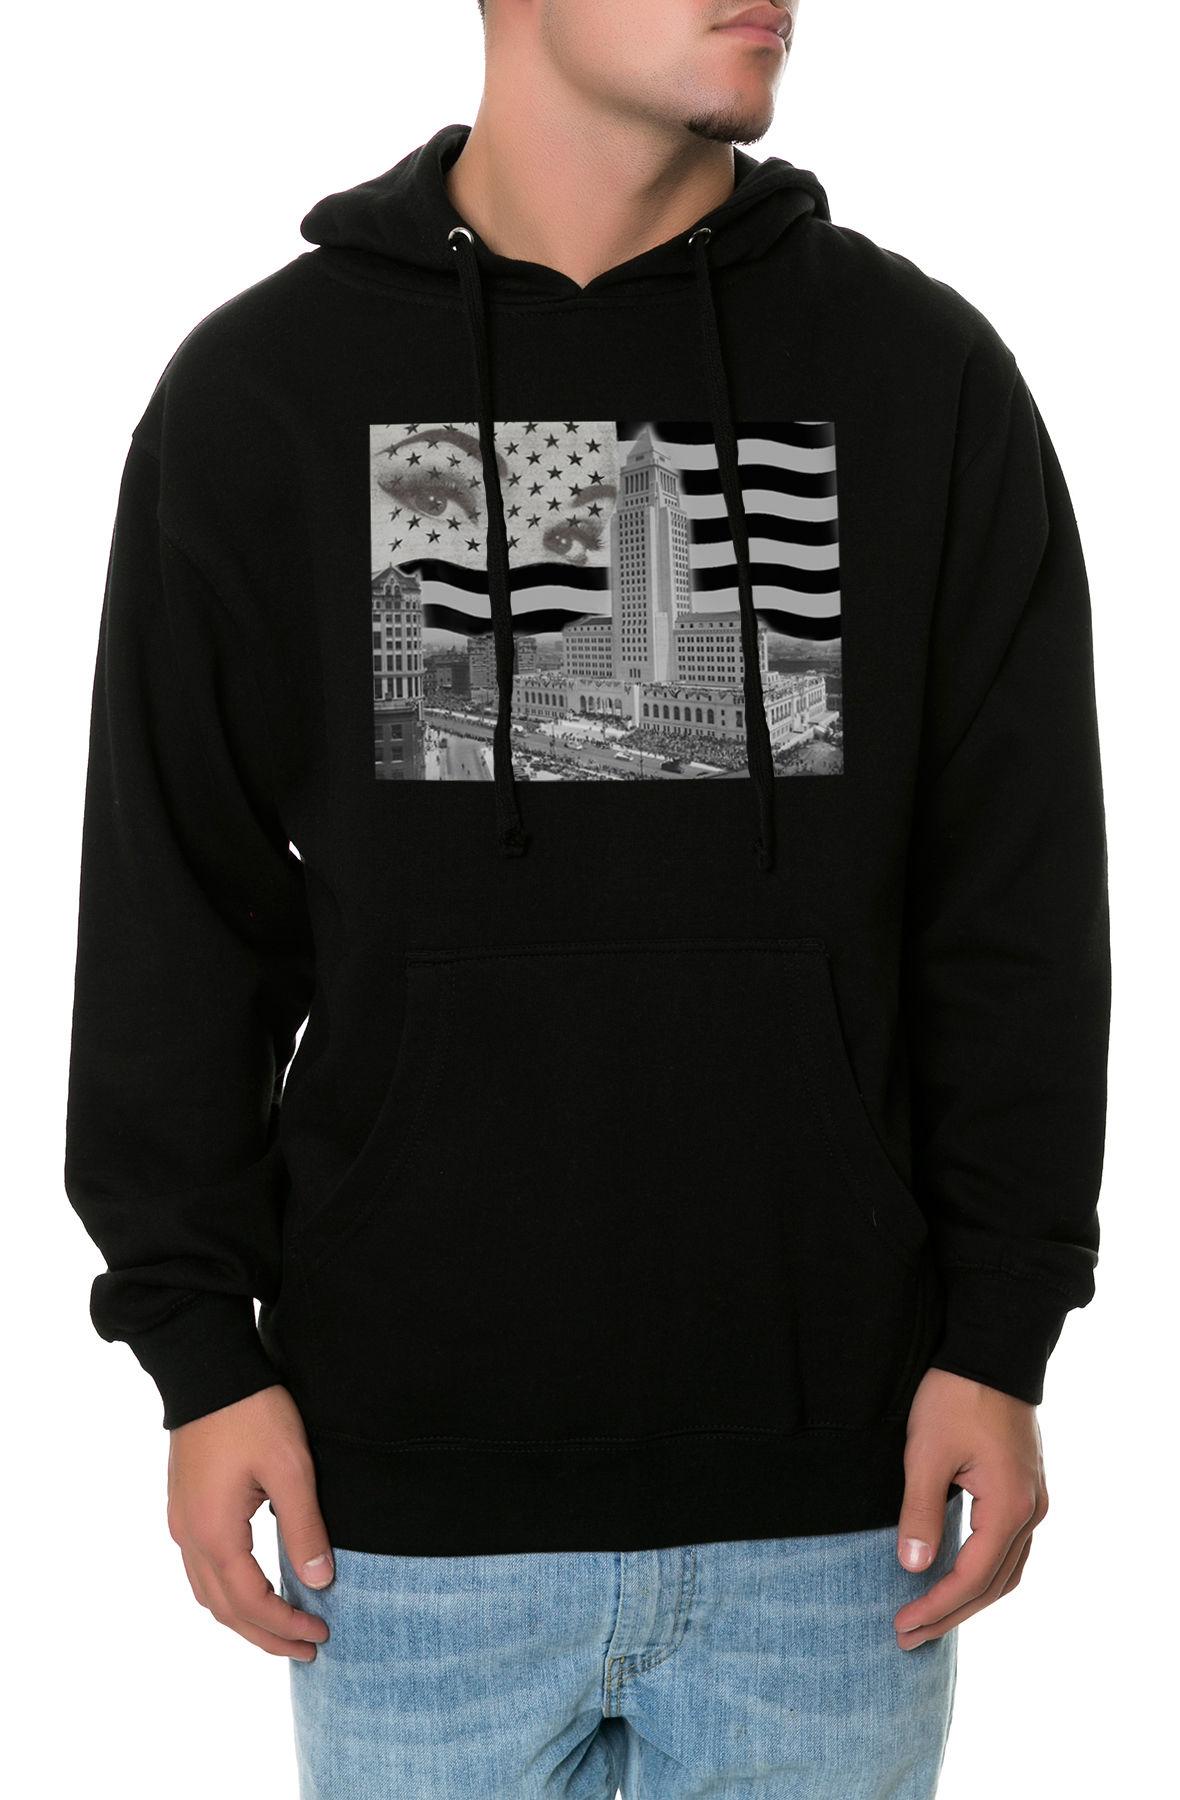 Image of The US of LA Hoodie in Black